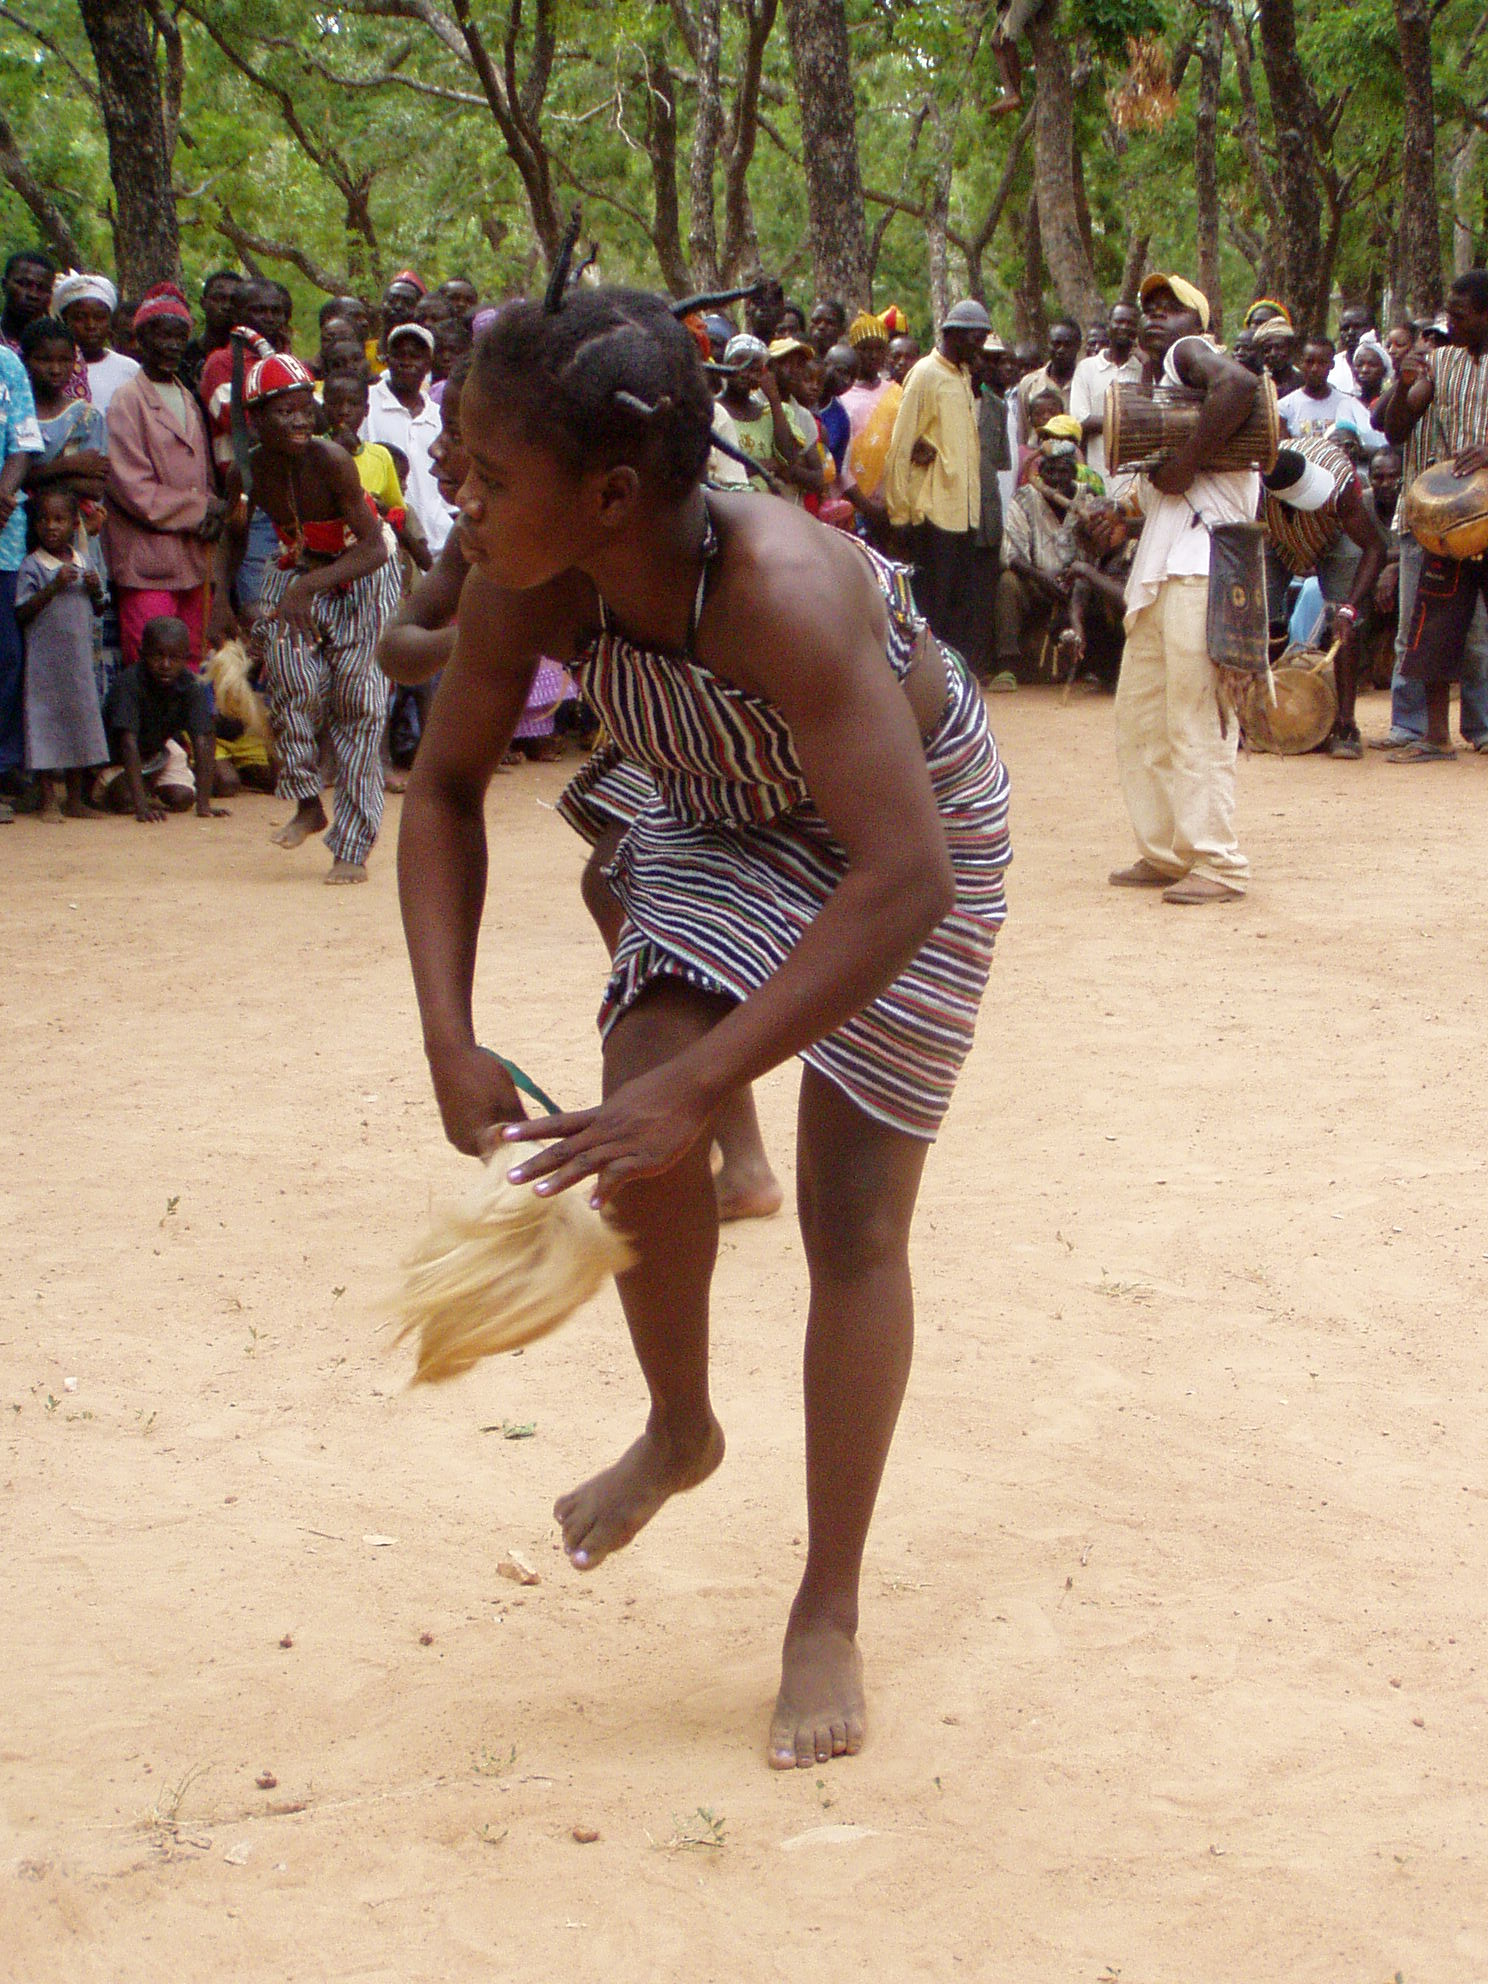 Fille kassena en train de danser. Kassena girl dancing.